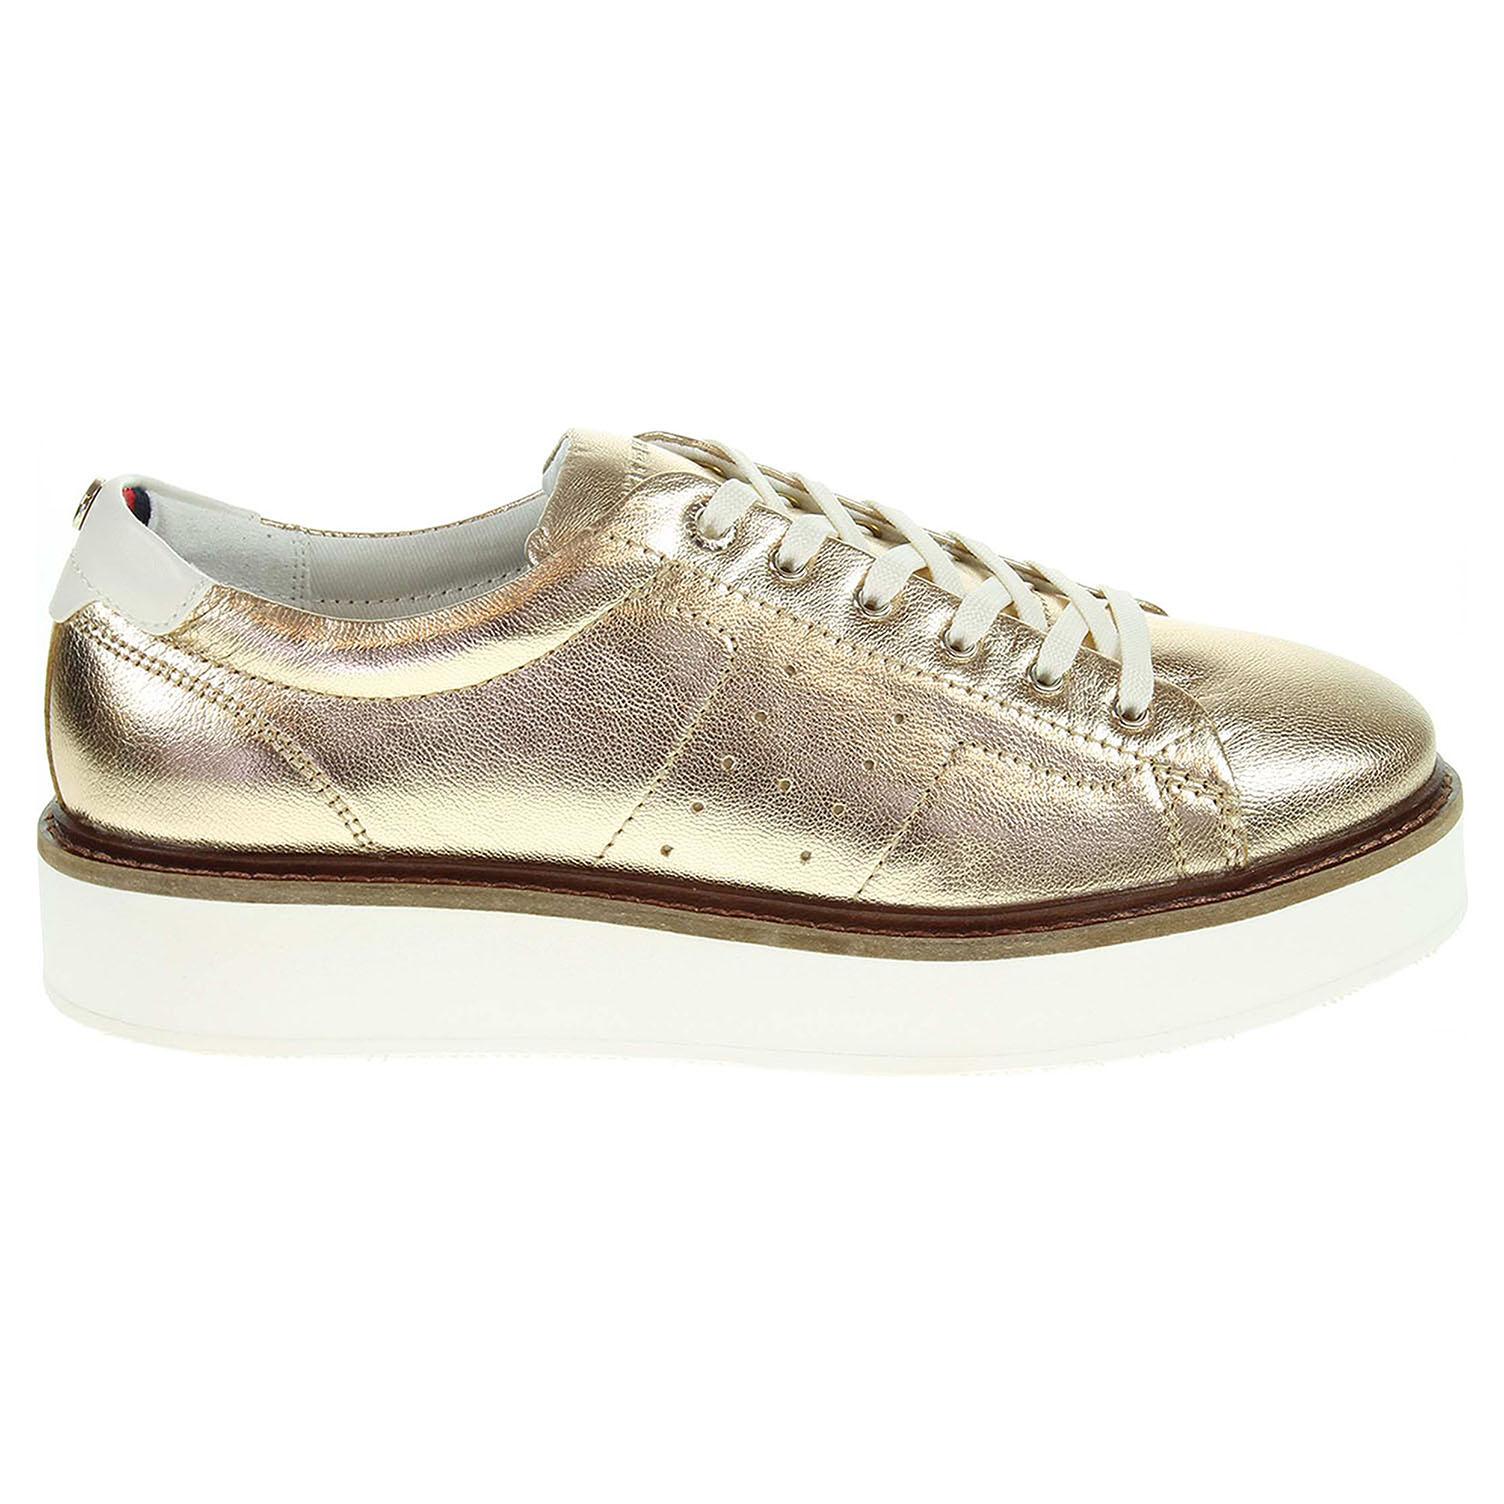 a89b314ddefd Tommy Hilfiger dámská obuv FW0FW02501 mekong FW0FW02501 709 38